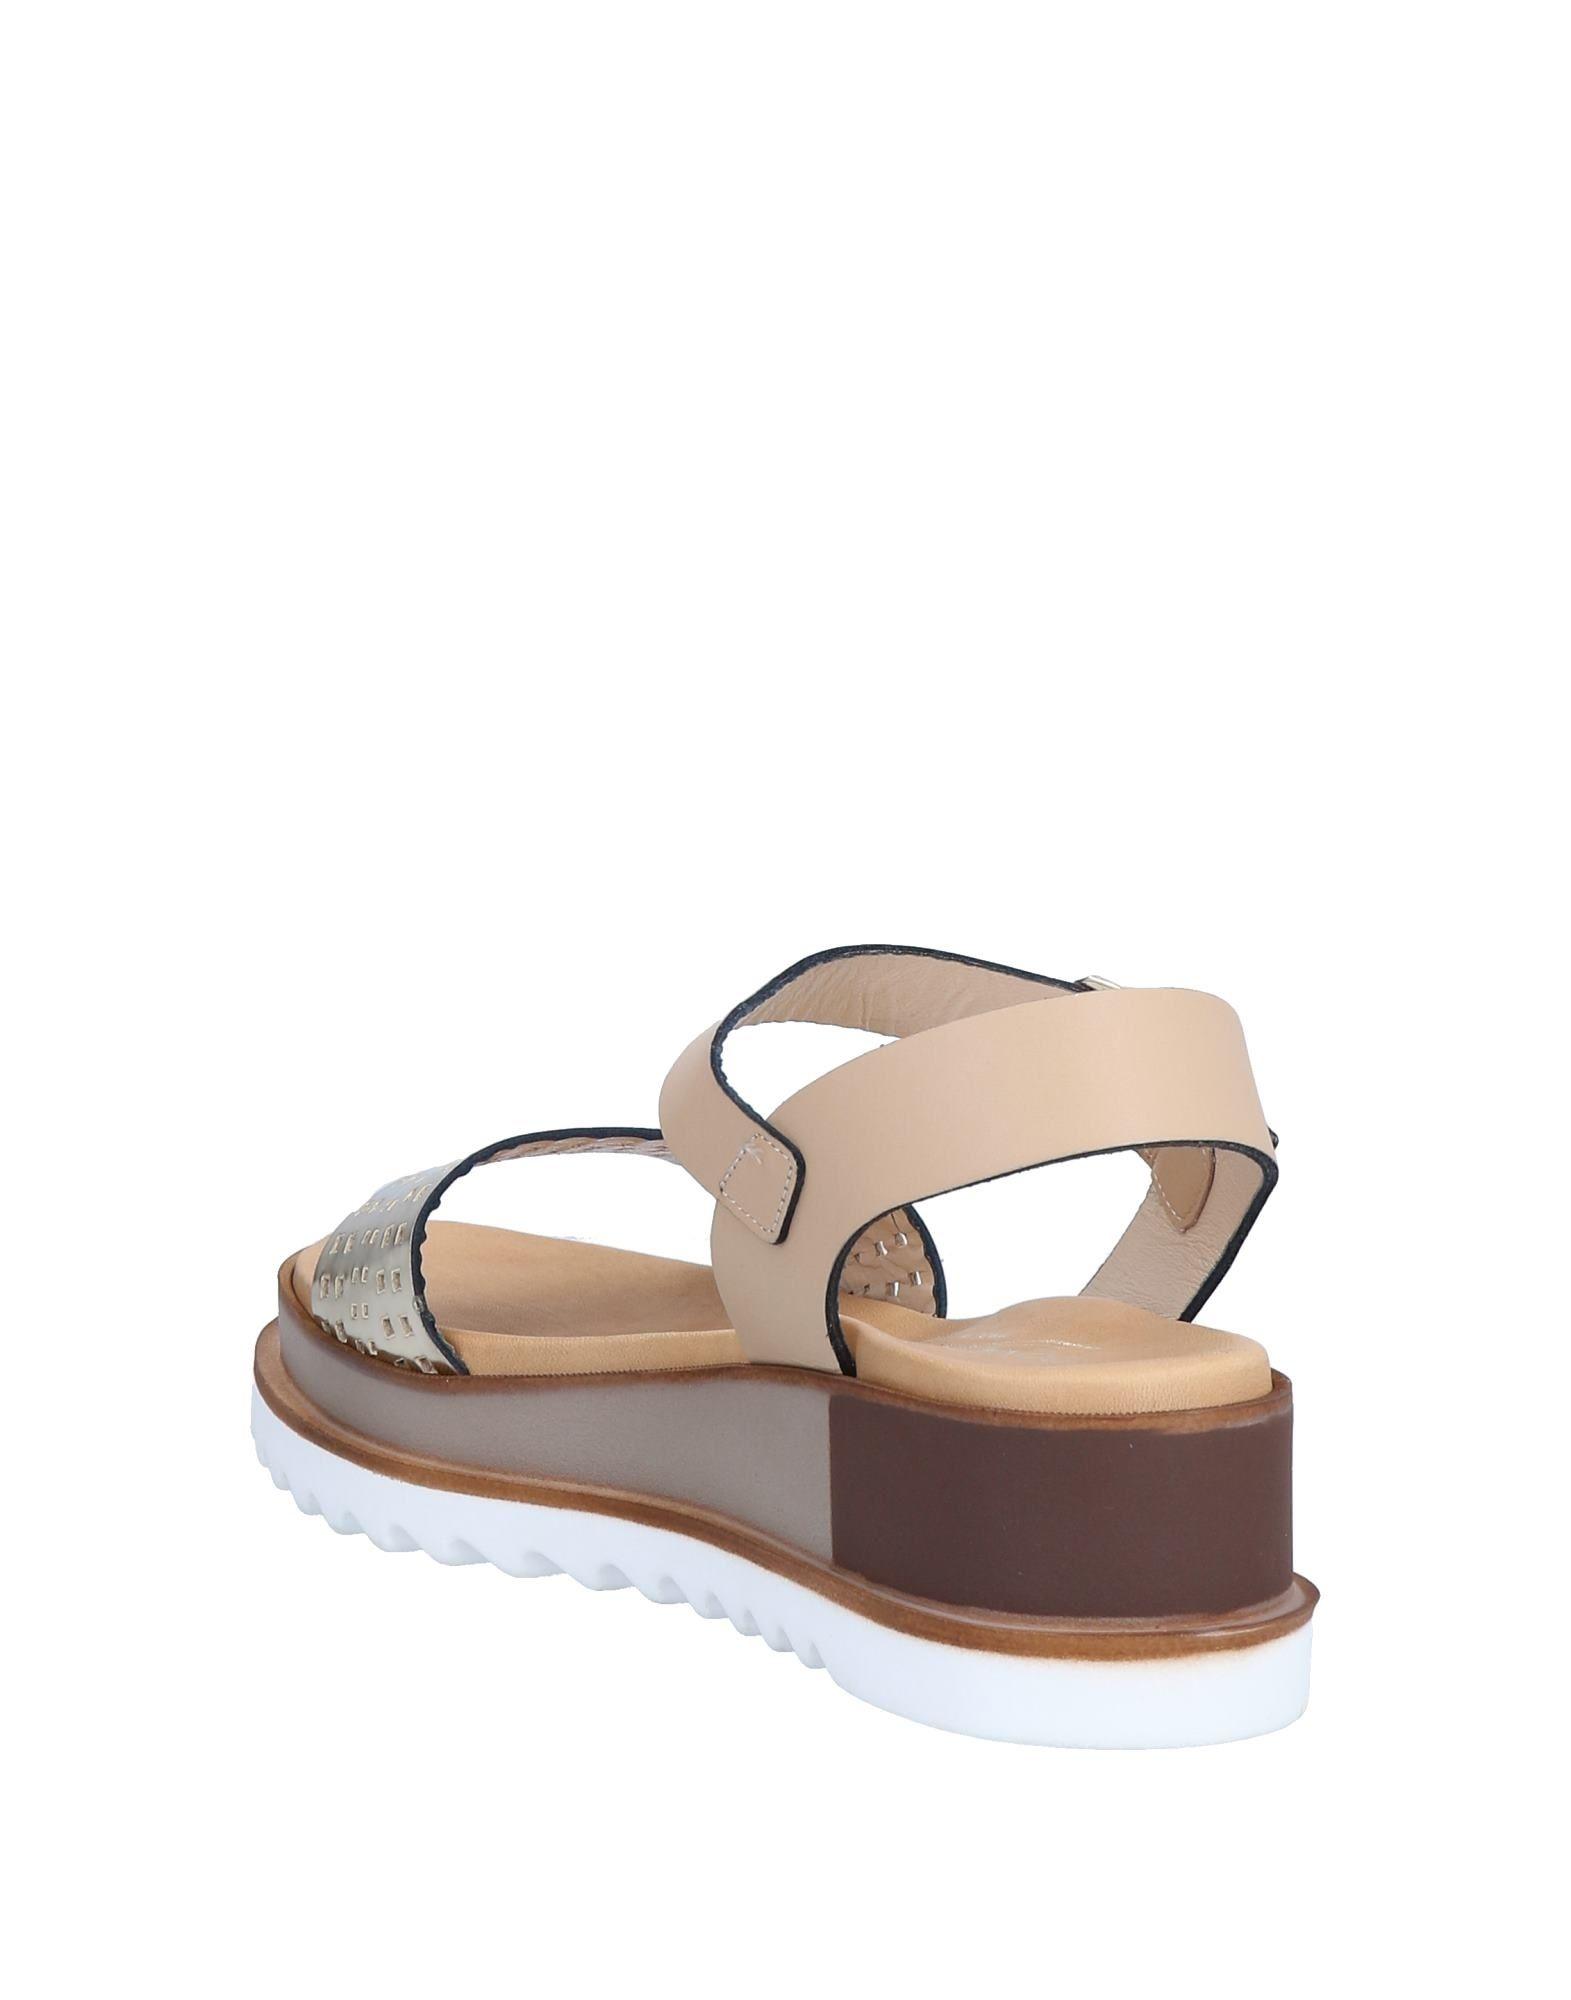 Damenschuhe Gutes Soft Sandalen Damen Gutes Damenschuhe Preis-Leistungs-Verhältnis, es lohnt sich 96edd4